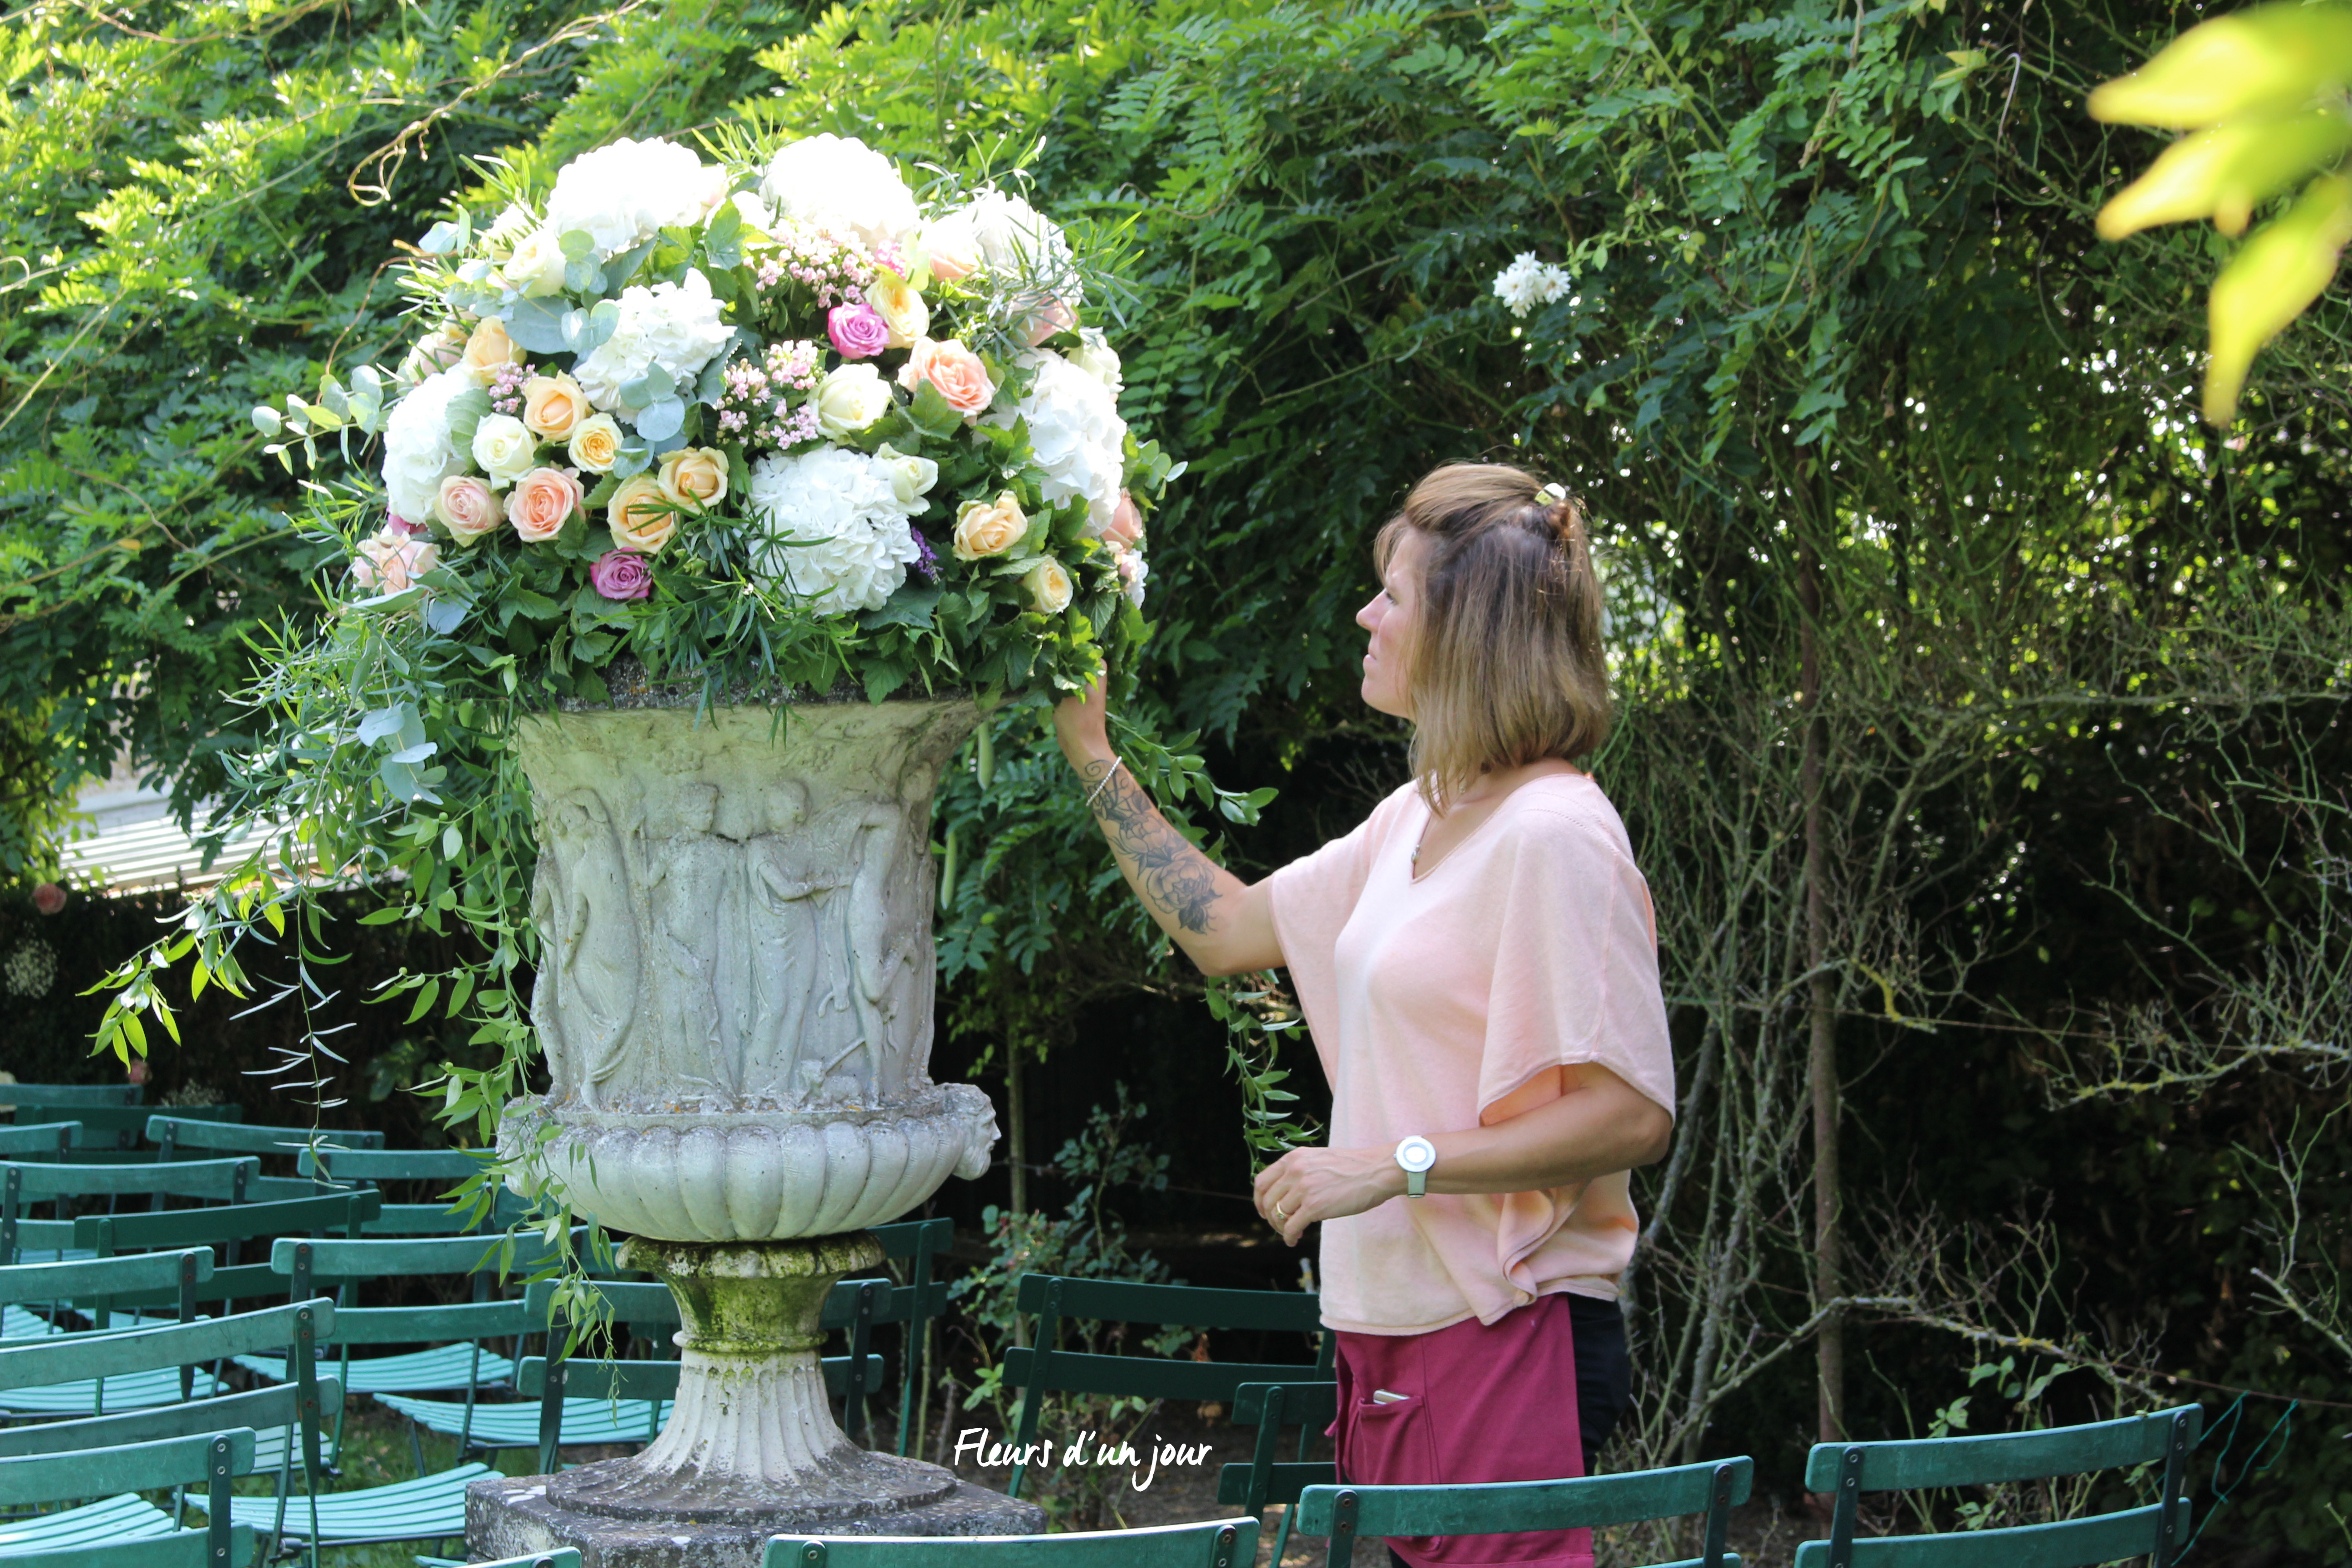 composition florale vase mécidis roseraie au chateau de Vallery Mariage au chateau de Vallery Cérémonie laïque au chateau de Vallery décoration florale fleuriste chateau de Vallery Fleurs d'un jour